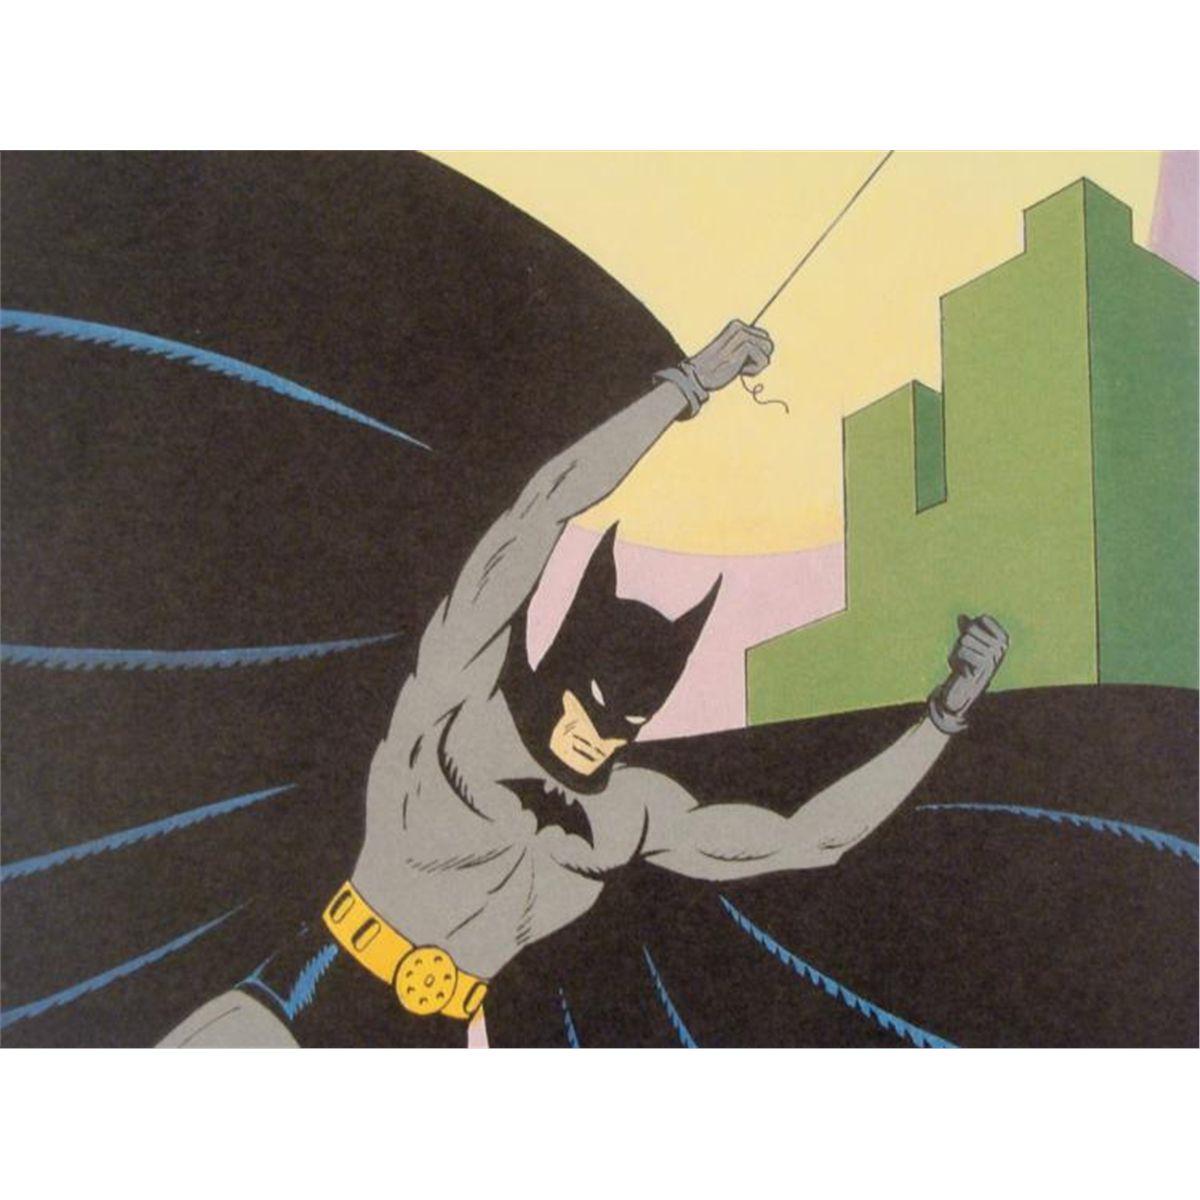 Drawn batman bob kane Kane Golden 50th Bob Batman